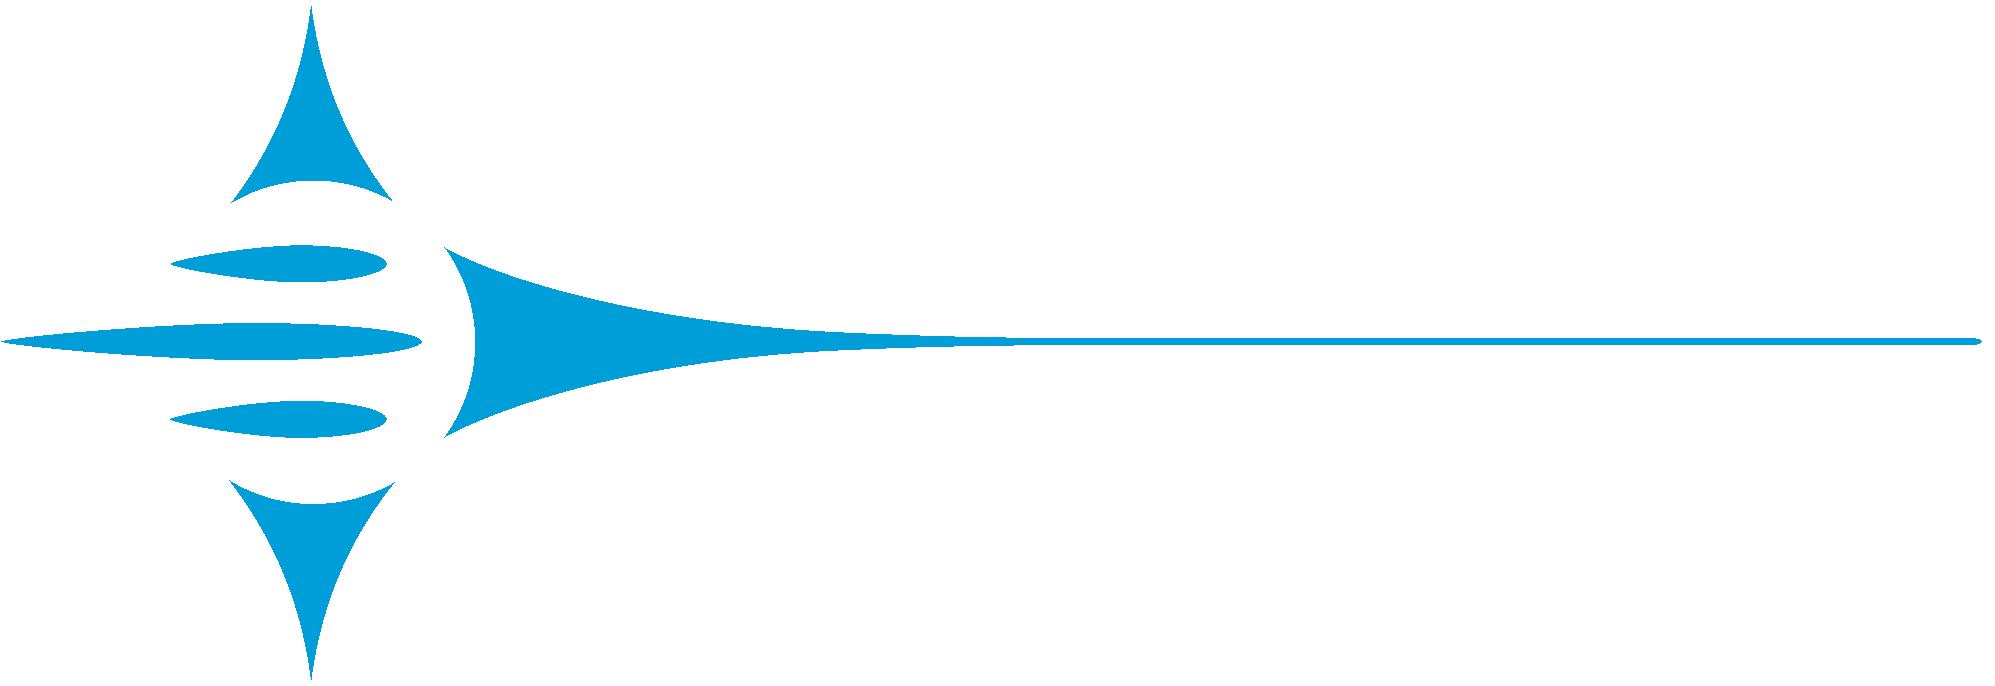 bpevolution